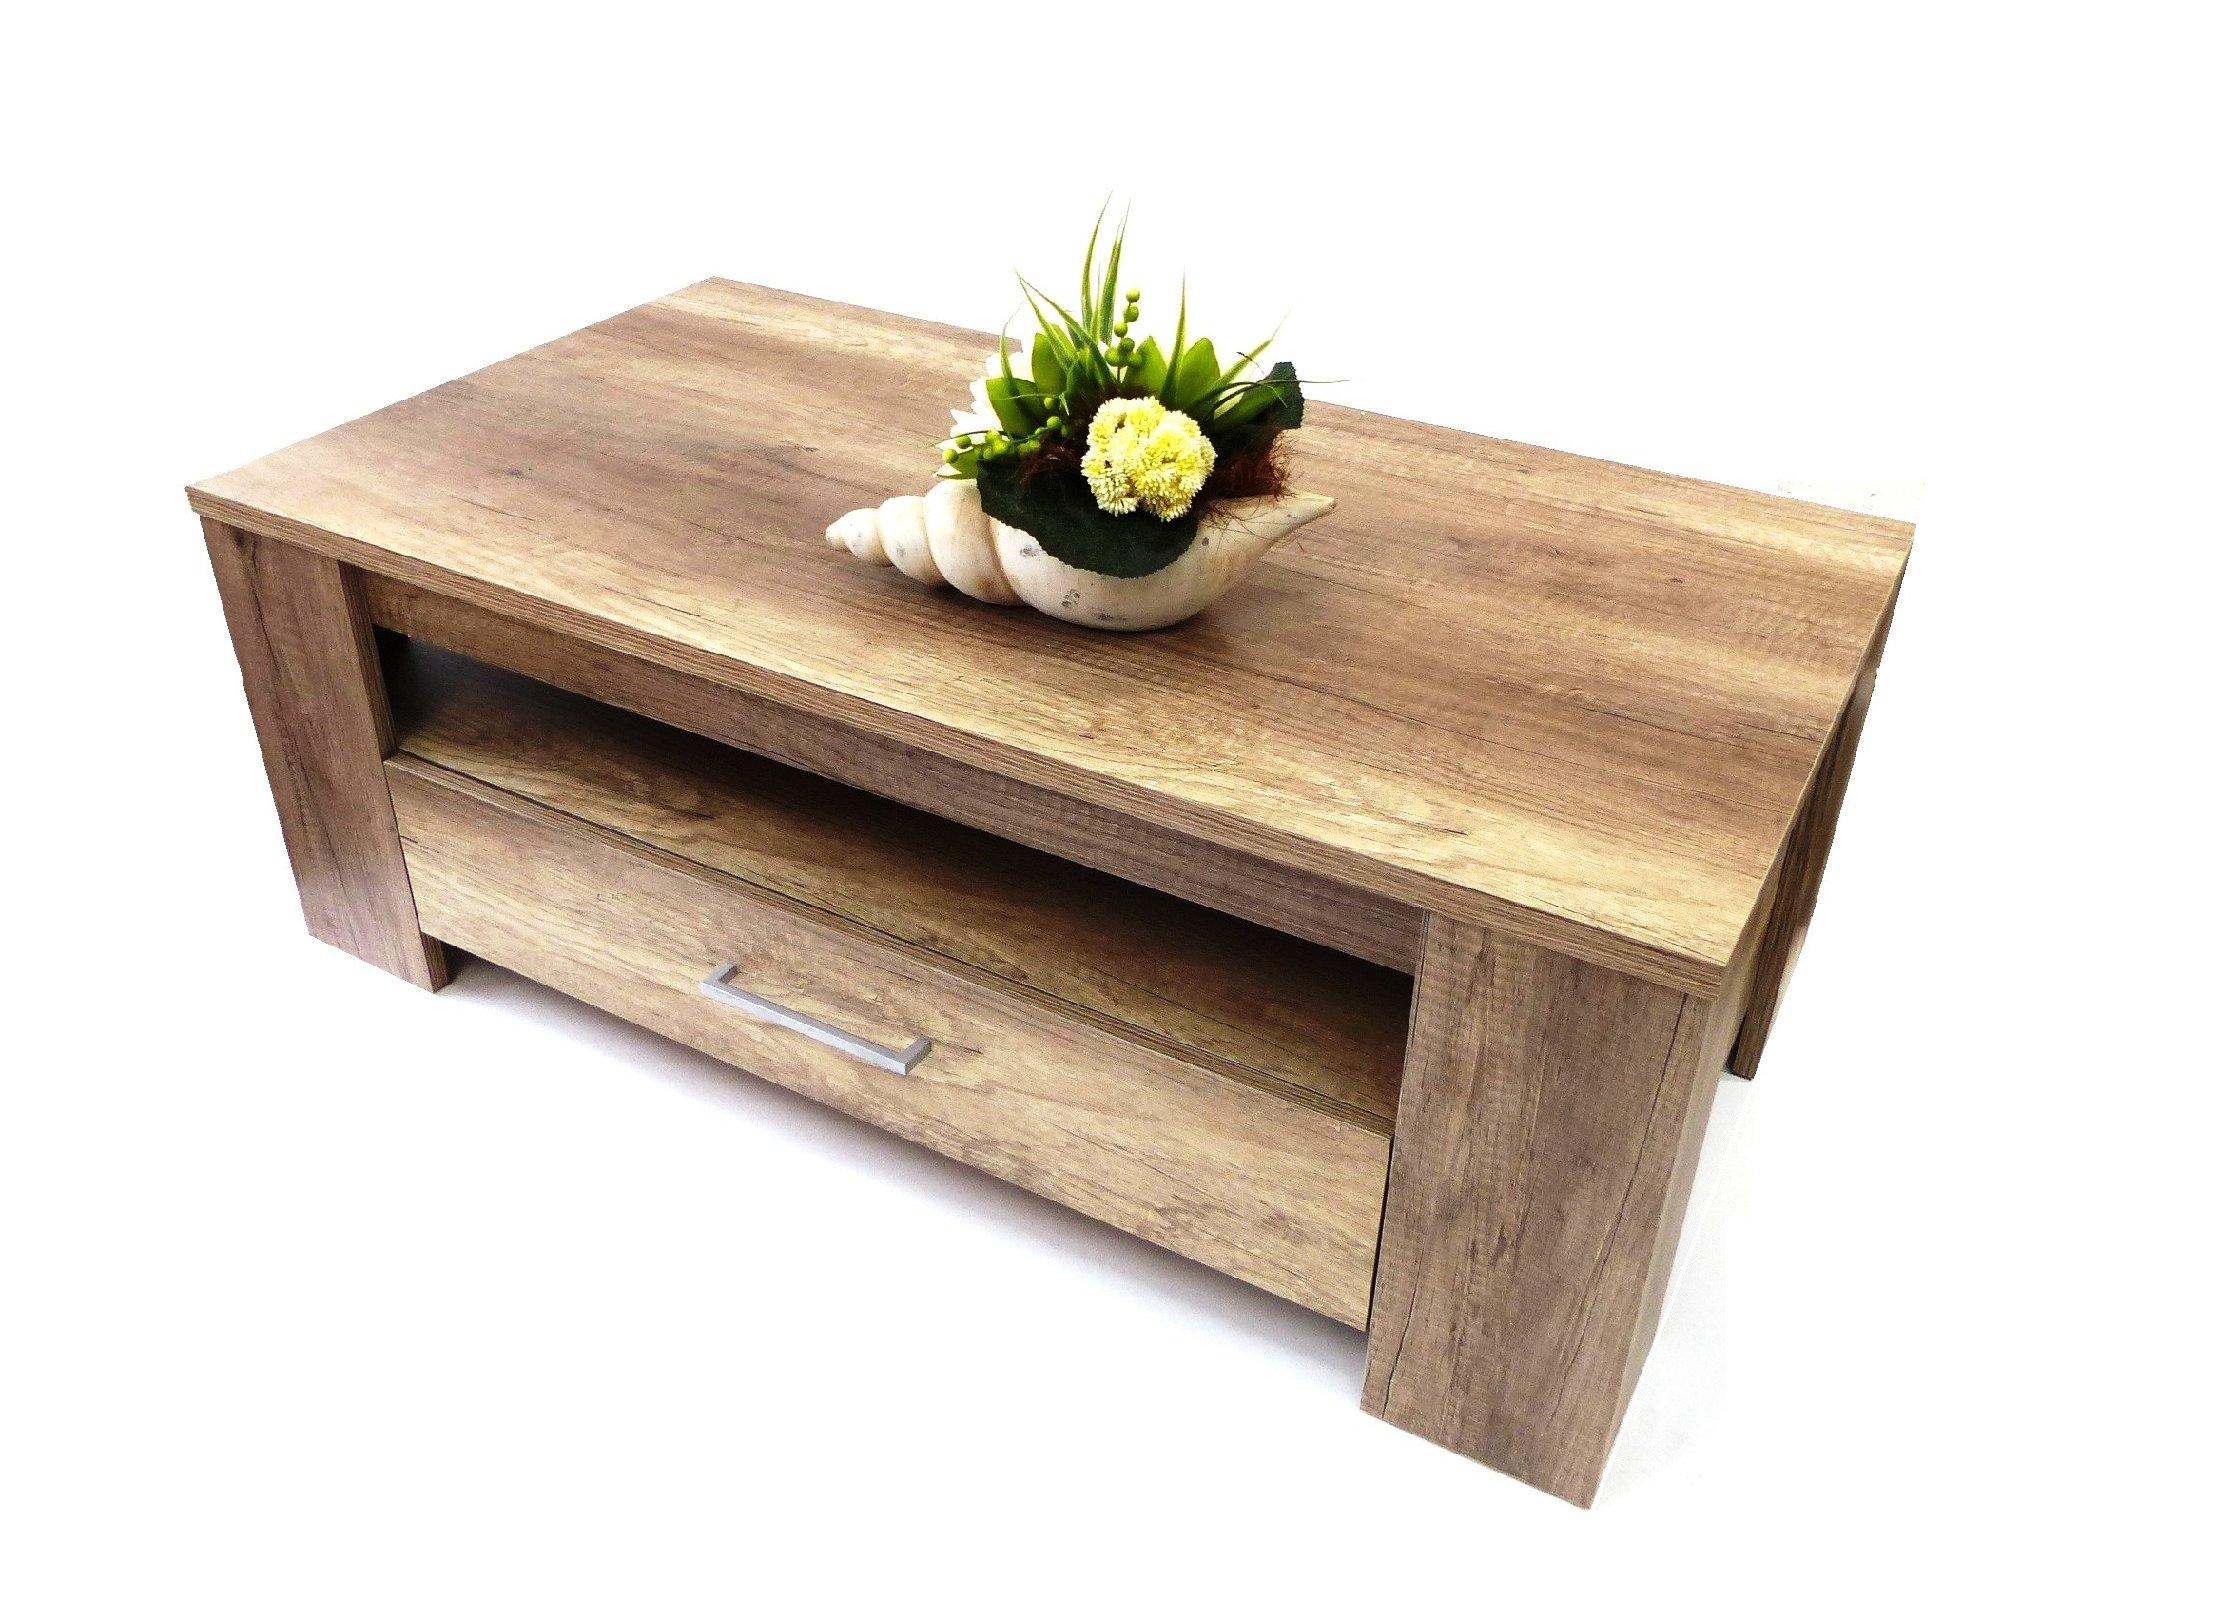 couchtisch mona lisa 5 wohnzimmertisch tisch wohnzimmer couch sonoma eiche 11572 ebay. Black Bedroom Furniture Sets. Home Design Ideas